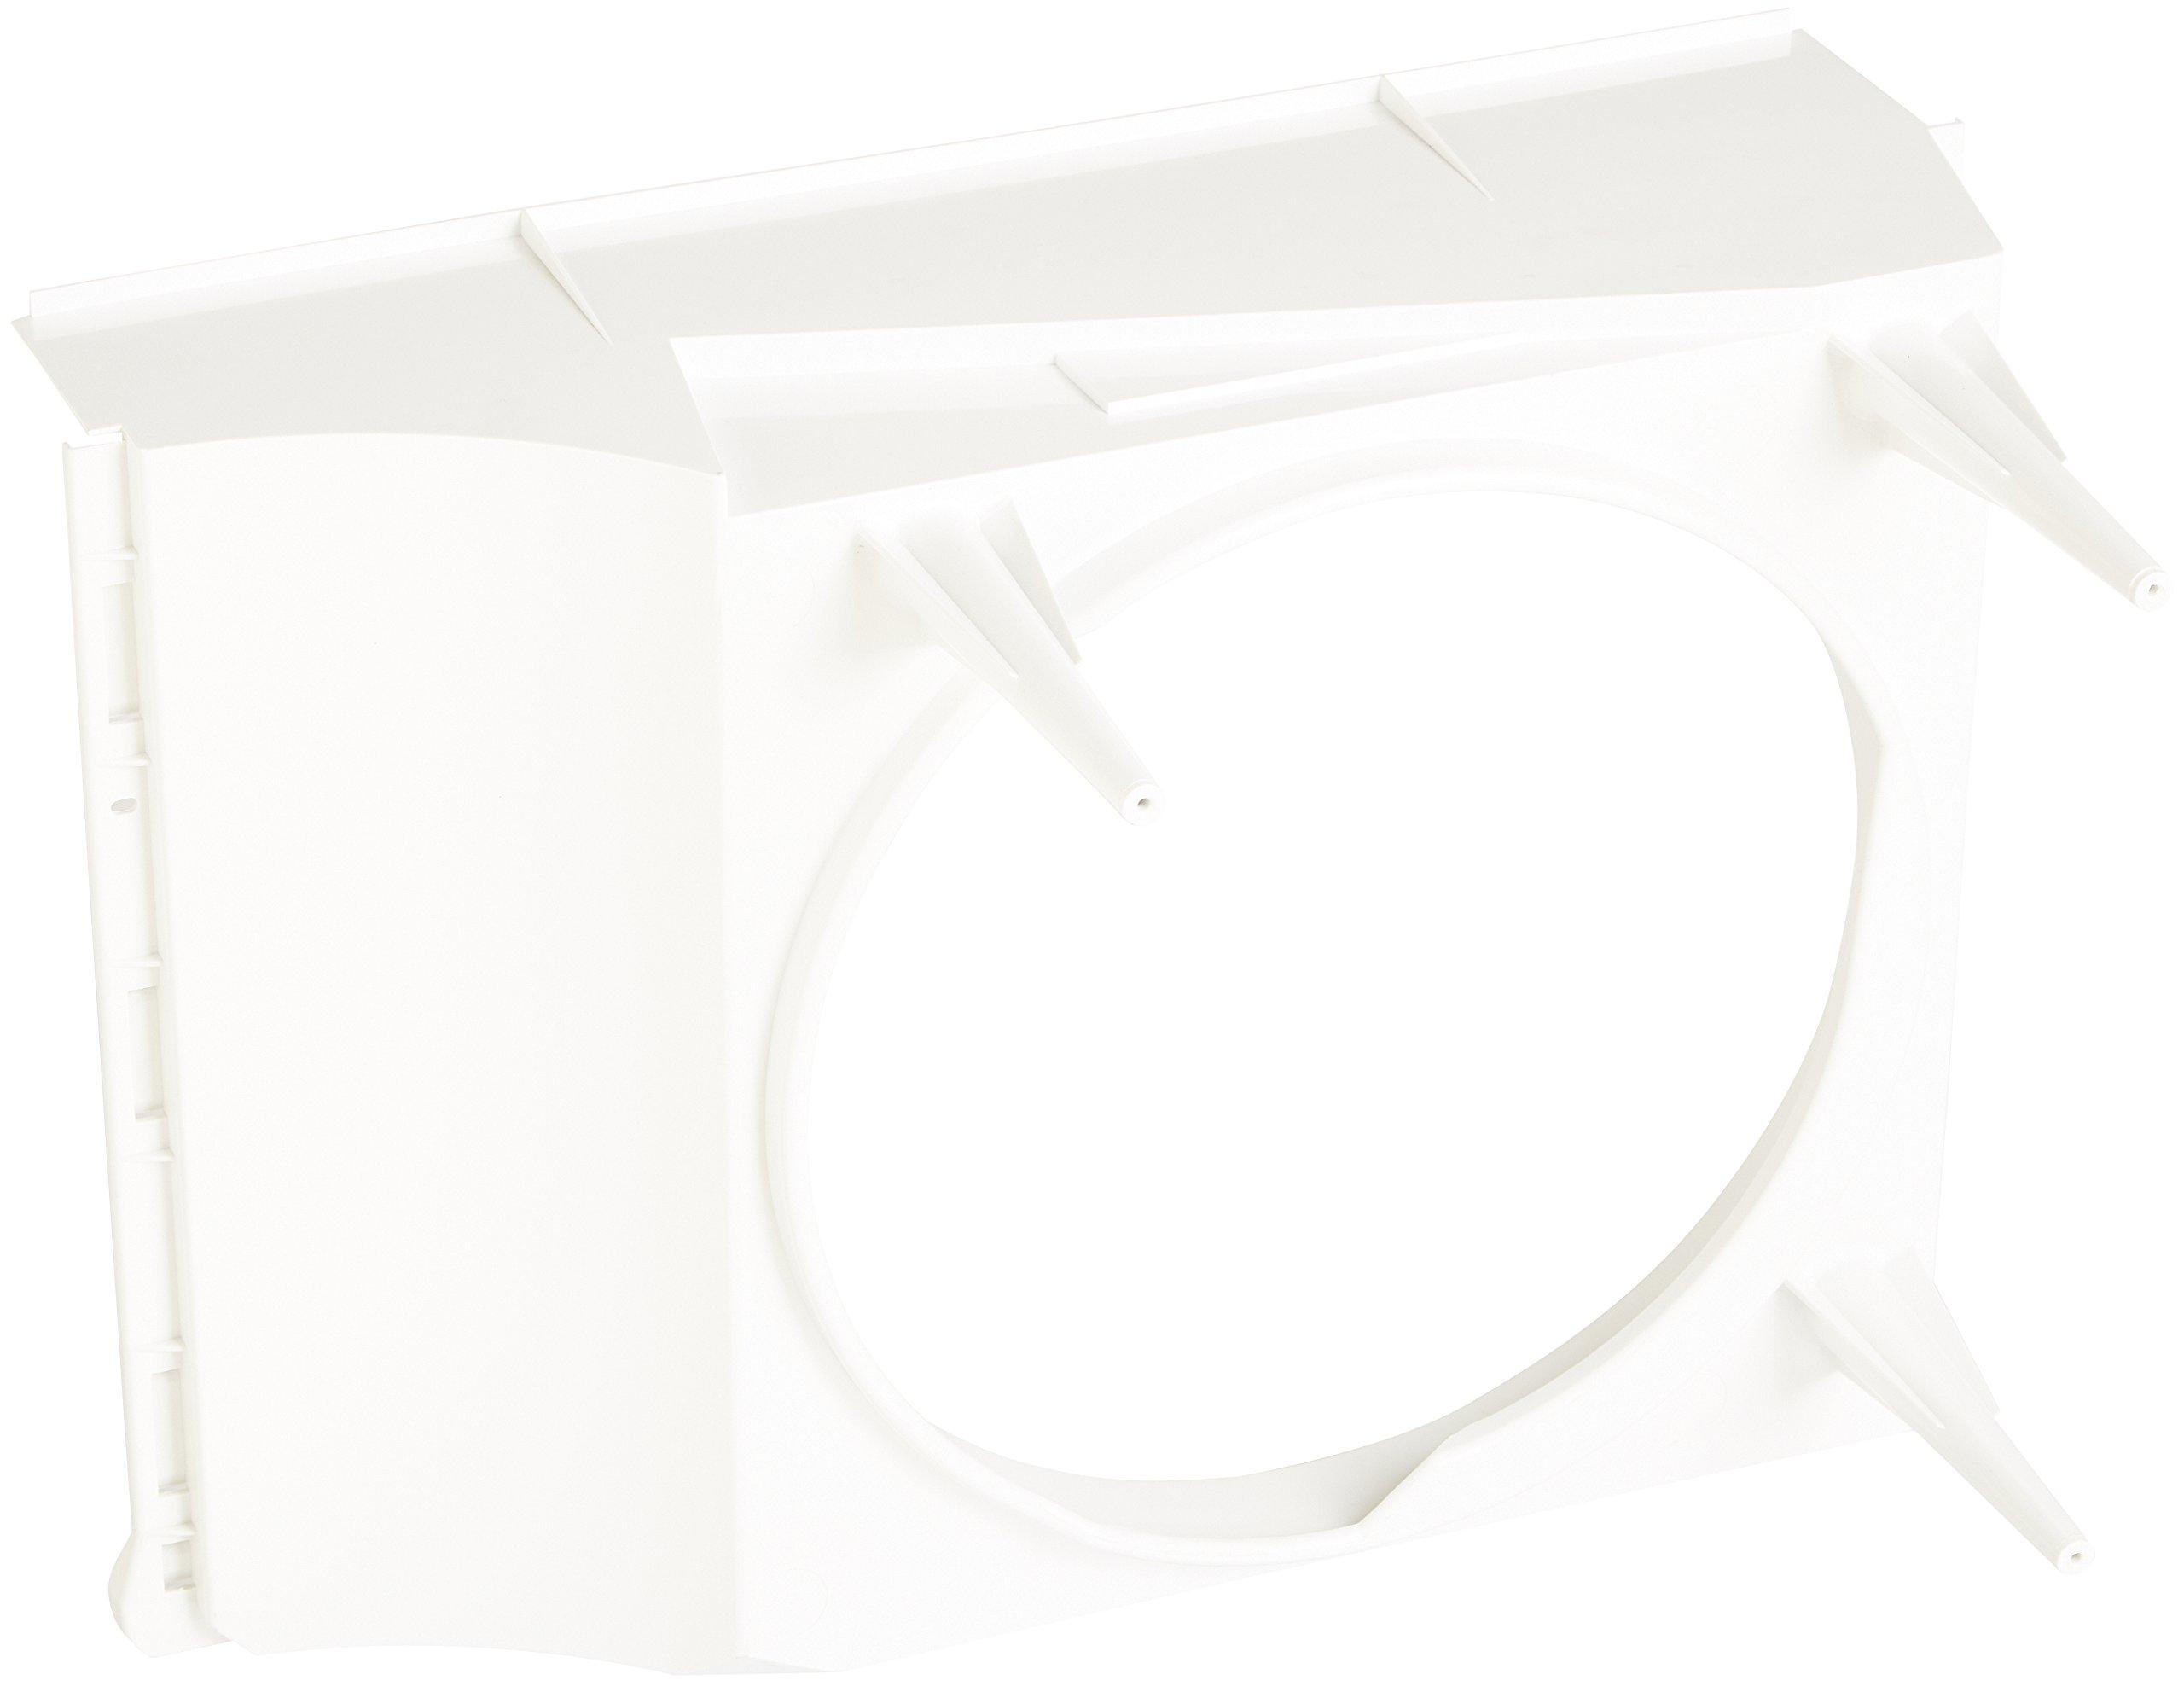 Frigidaire 309623201 Air Conditioner Fan Shroud by Frigidaire